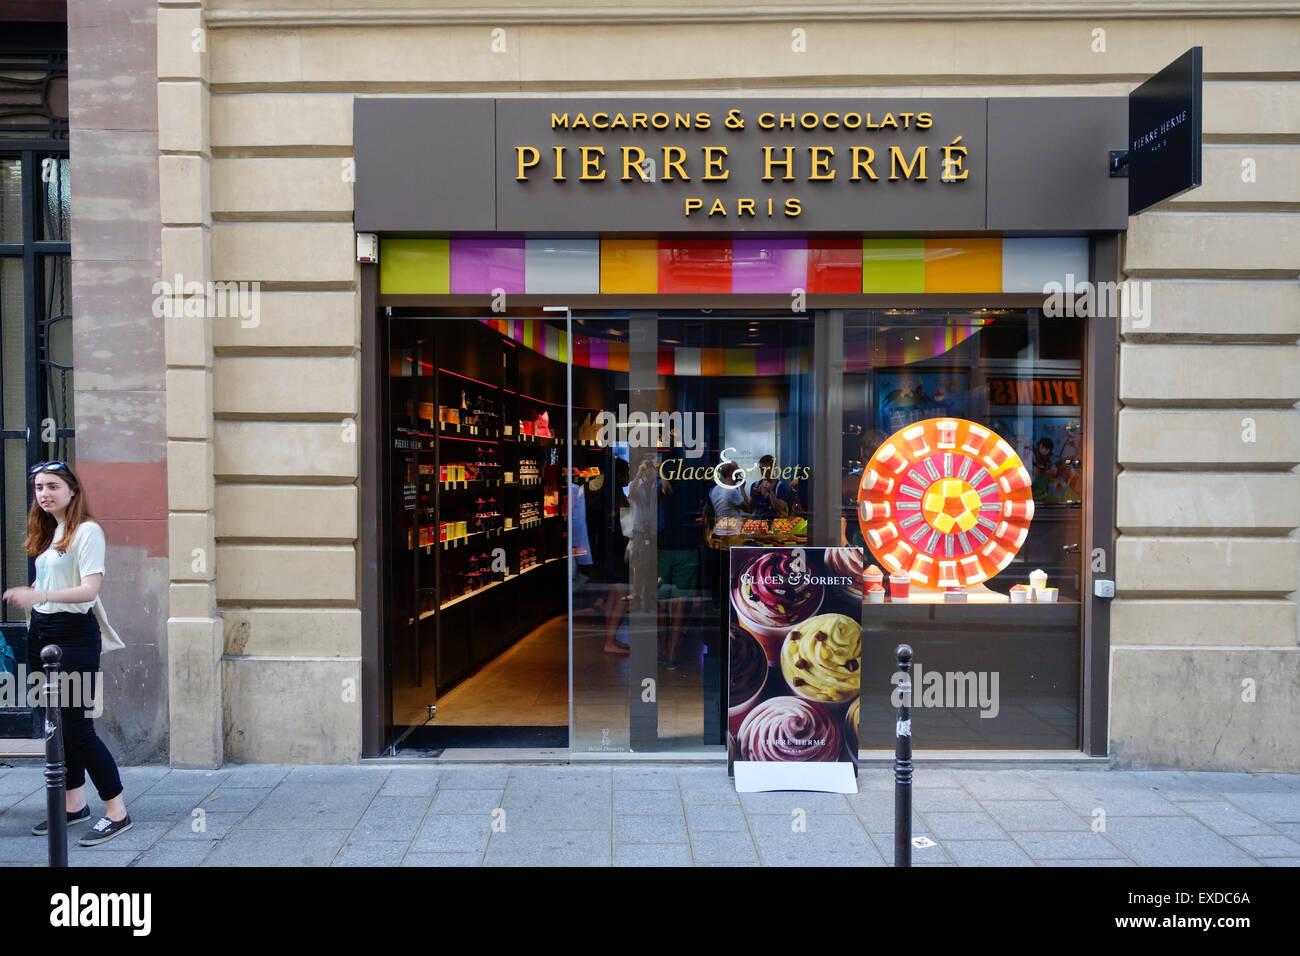 Pierre Herme, Macarons and chocolat store shop, Jewish quarter, Le Marais, Paris, France. - Stock Image